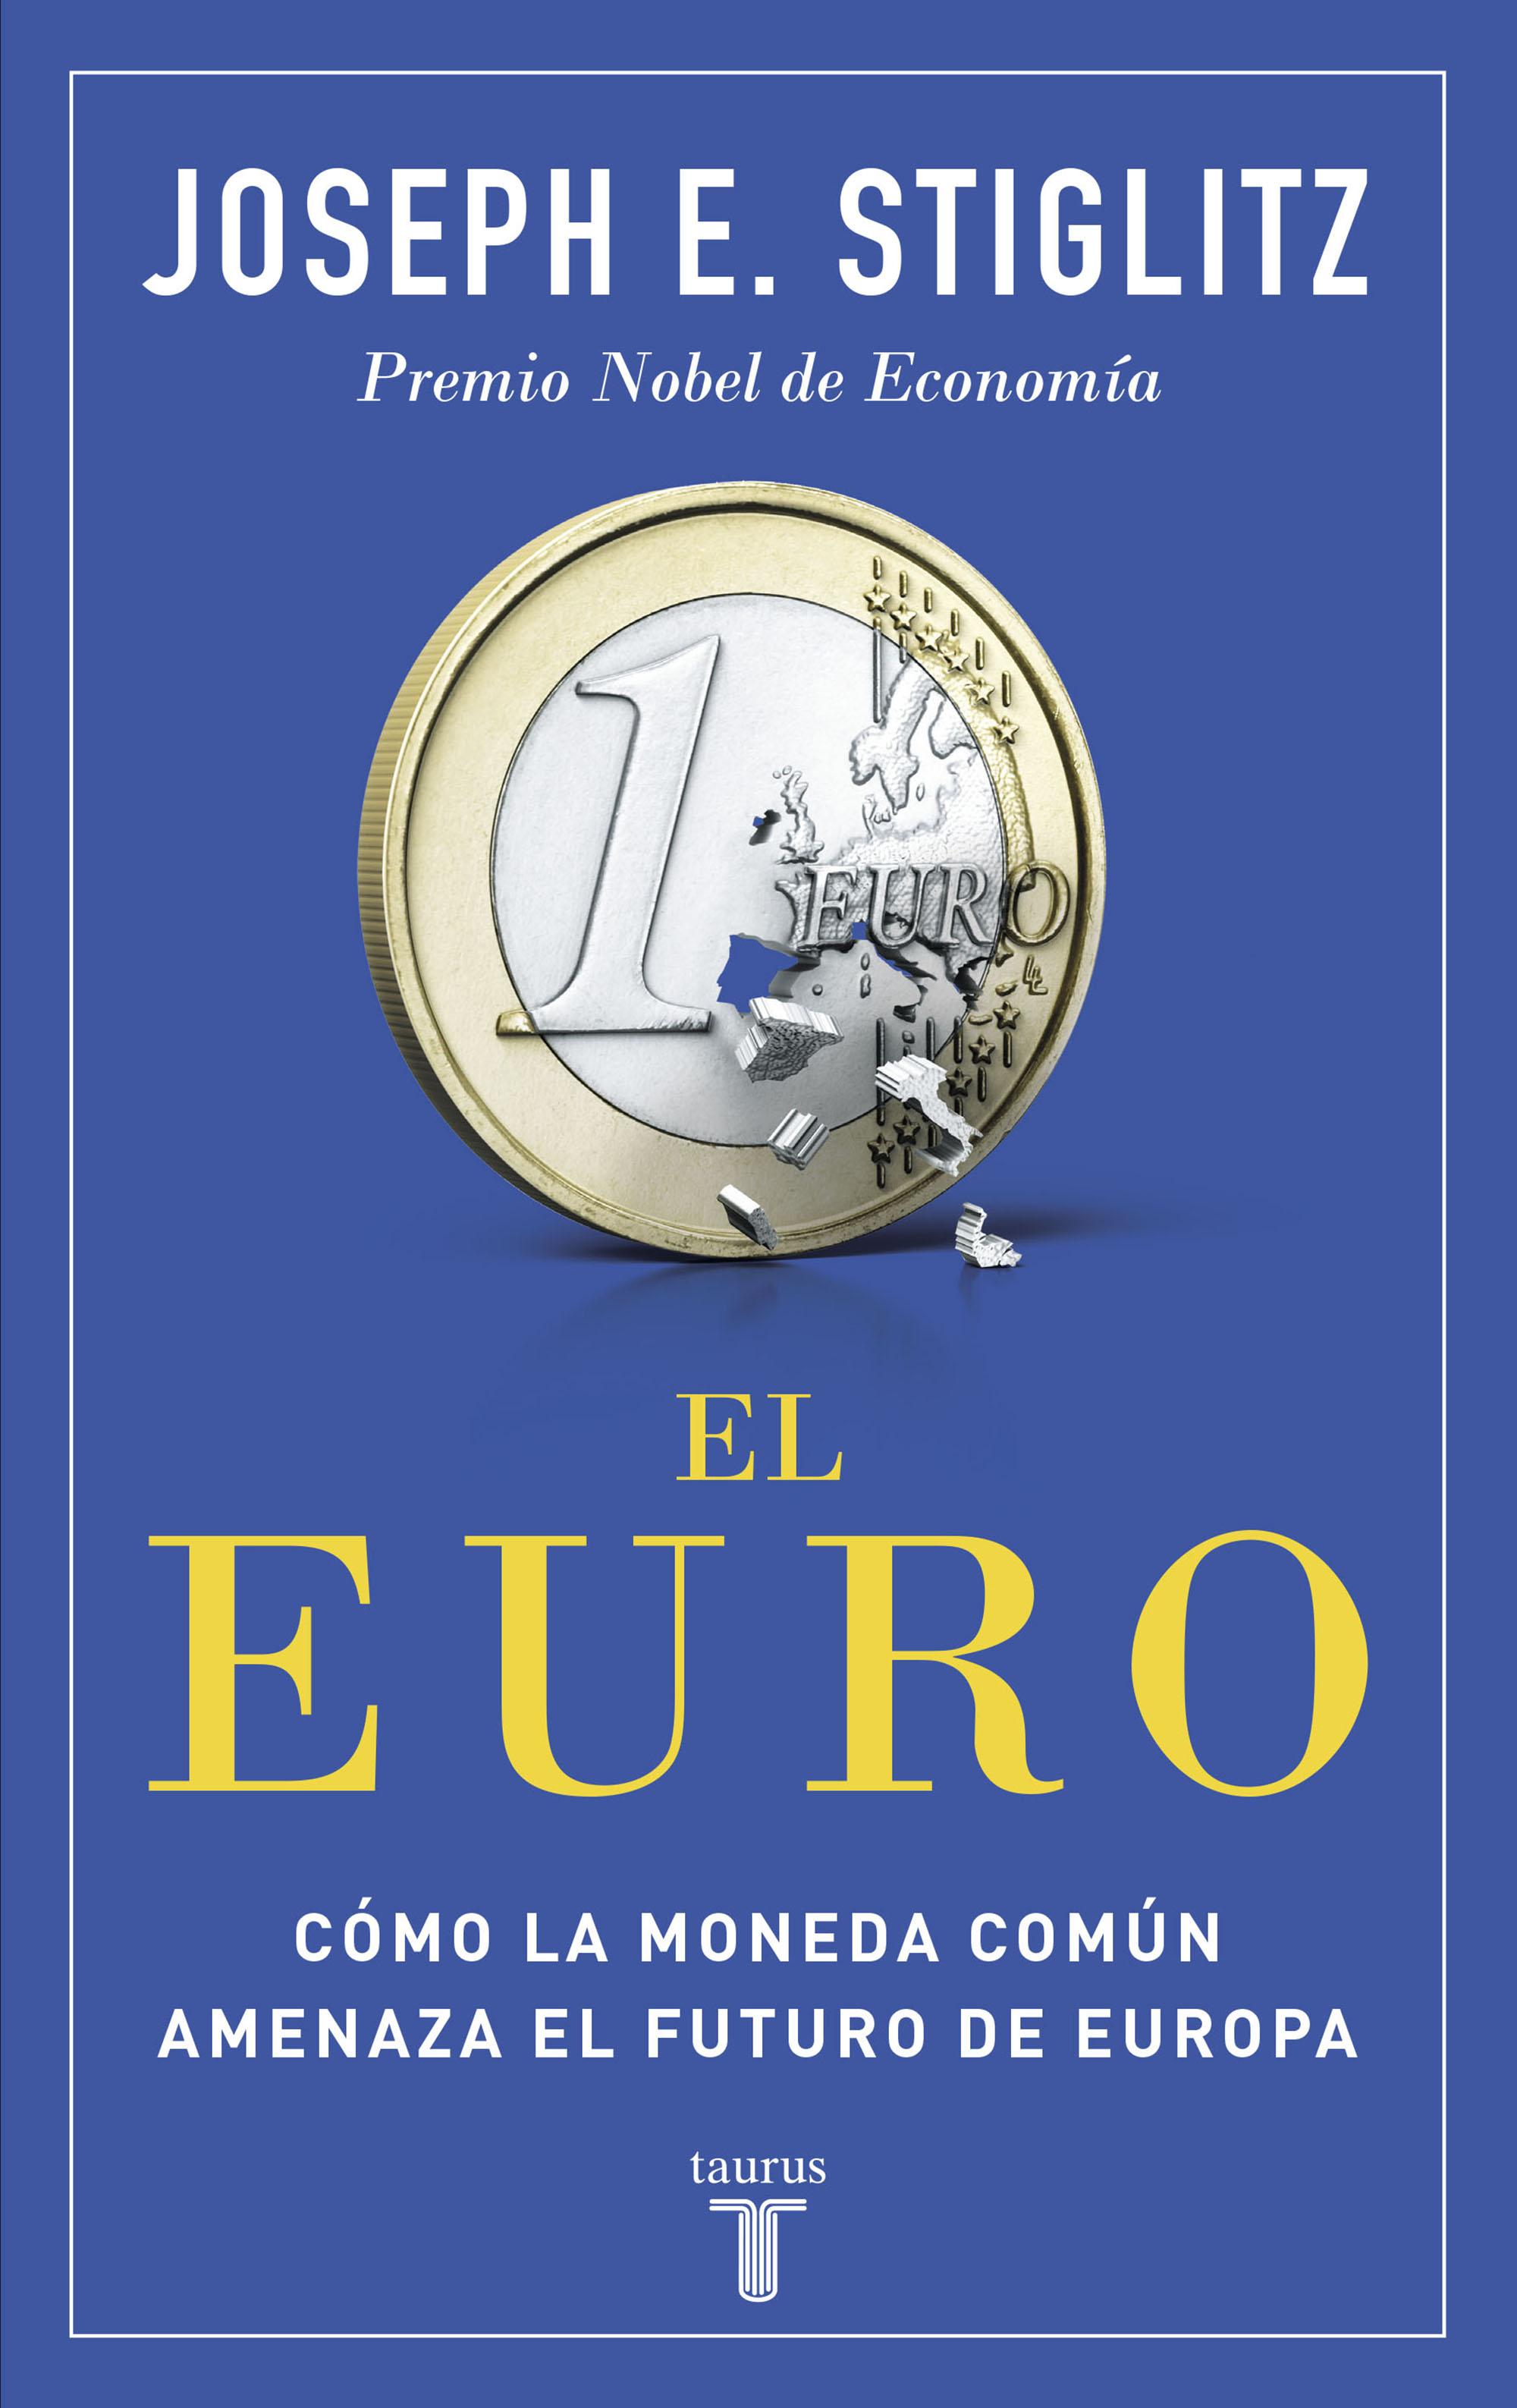 La moneda común y el futuro de Europa